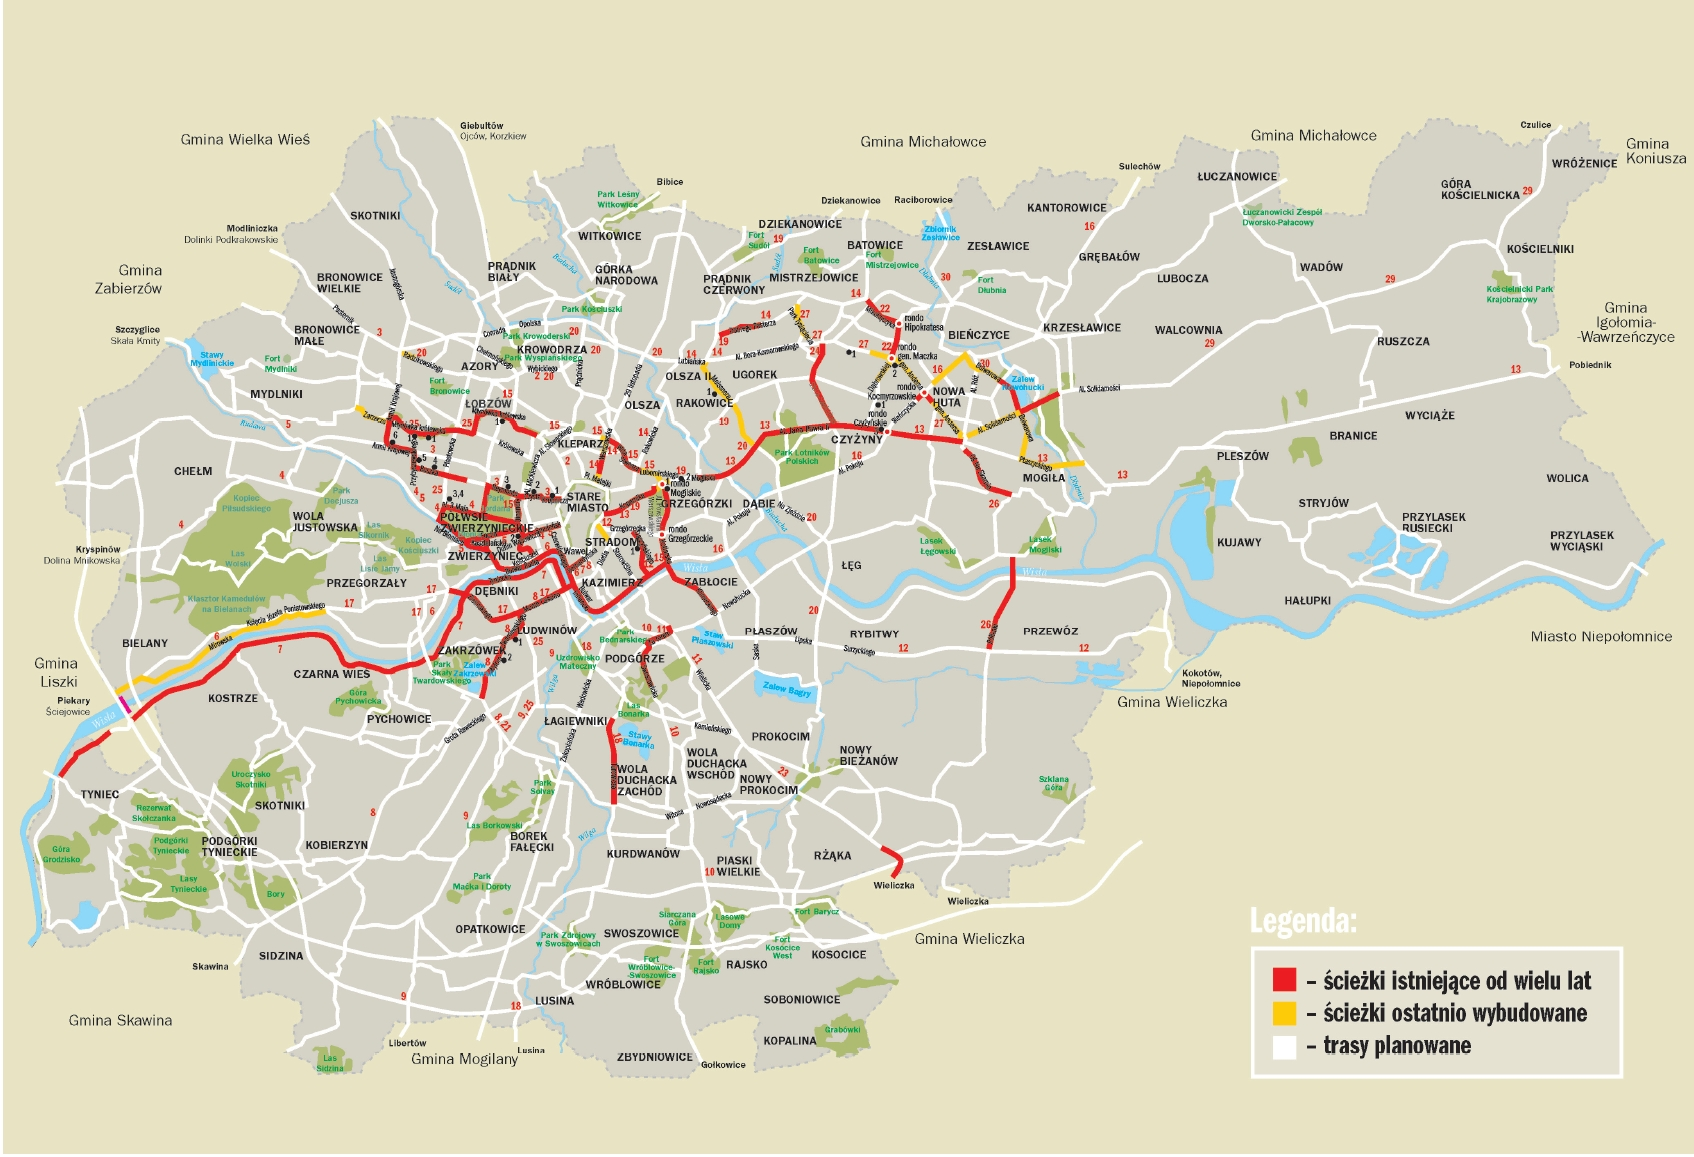 Trasy Rowerowe W Krakowie Mapa I Legenda